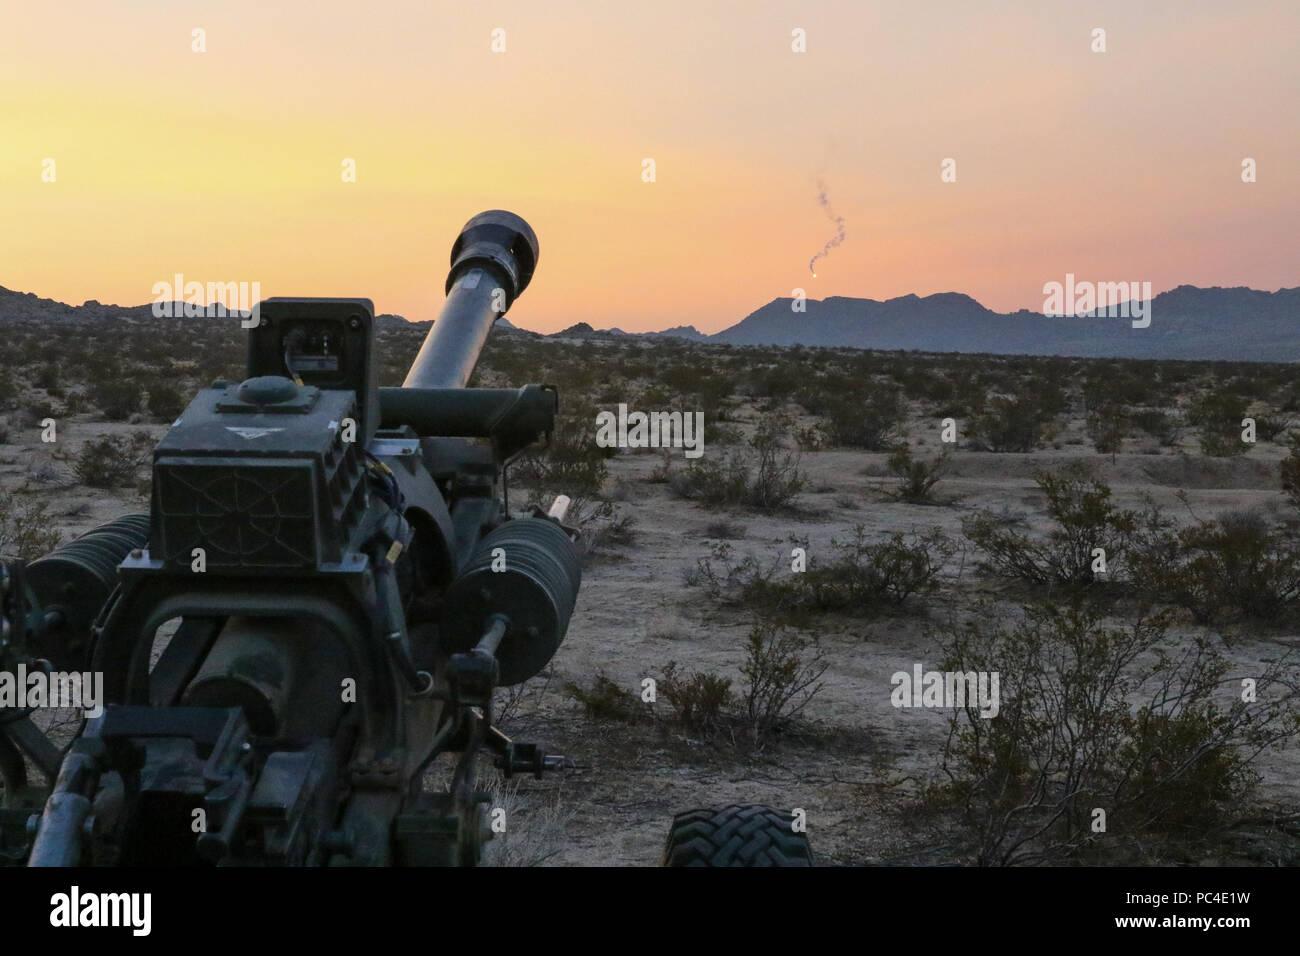 41st Field Artillery Brigade Stock Photos & 41st Field Artillery